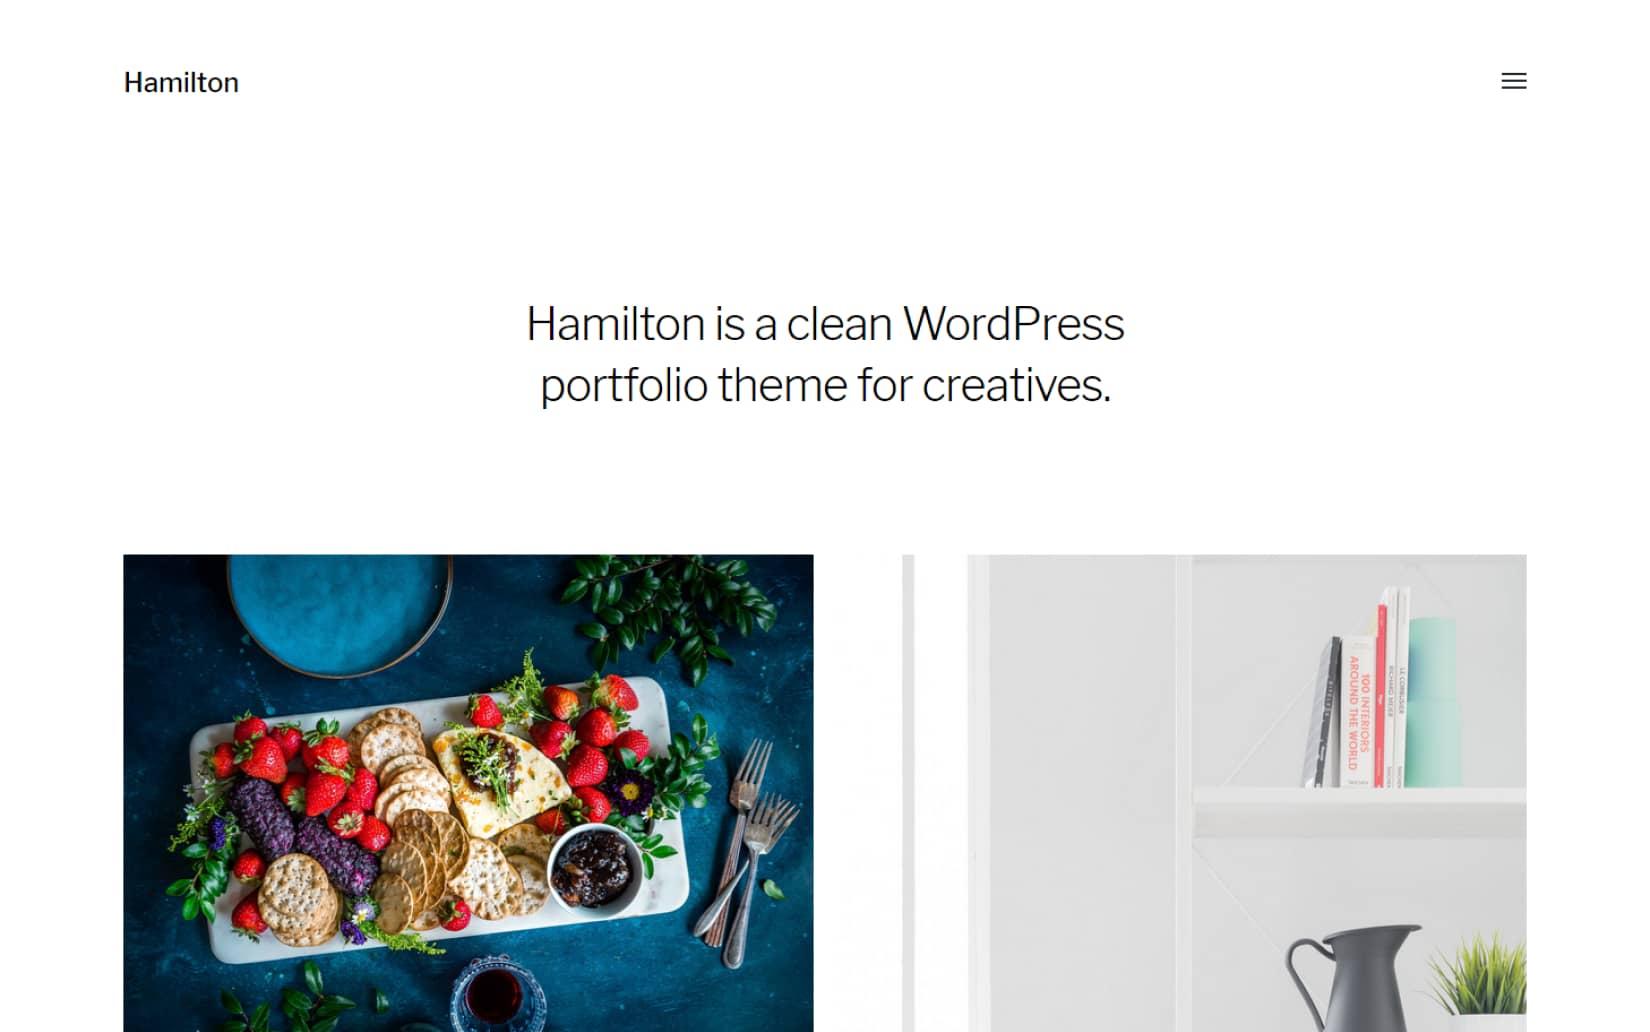 Free Creative WordPress theme for portfolio websites and showcases